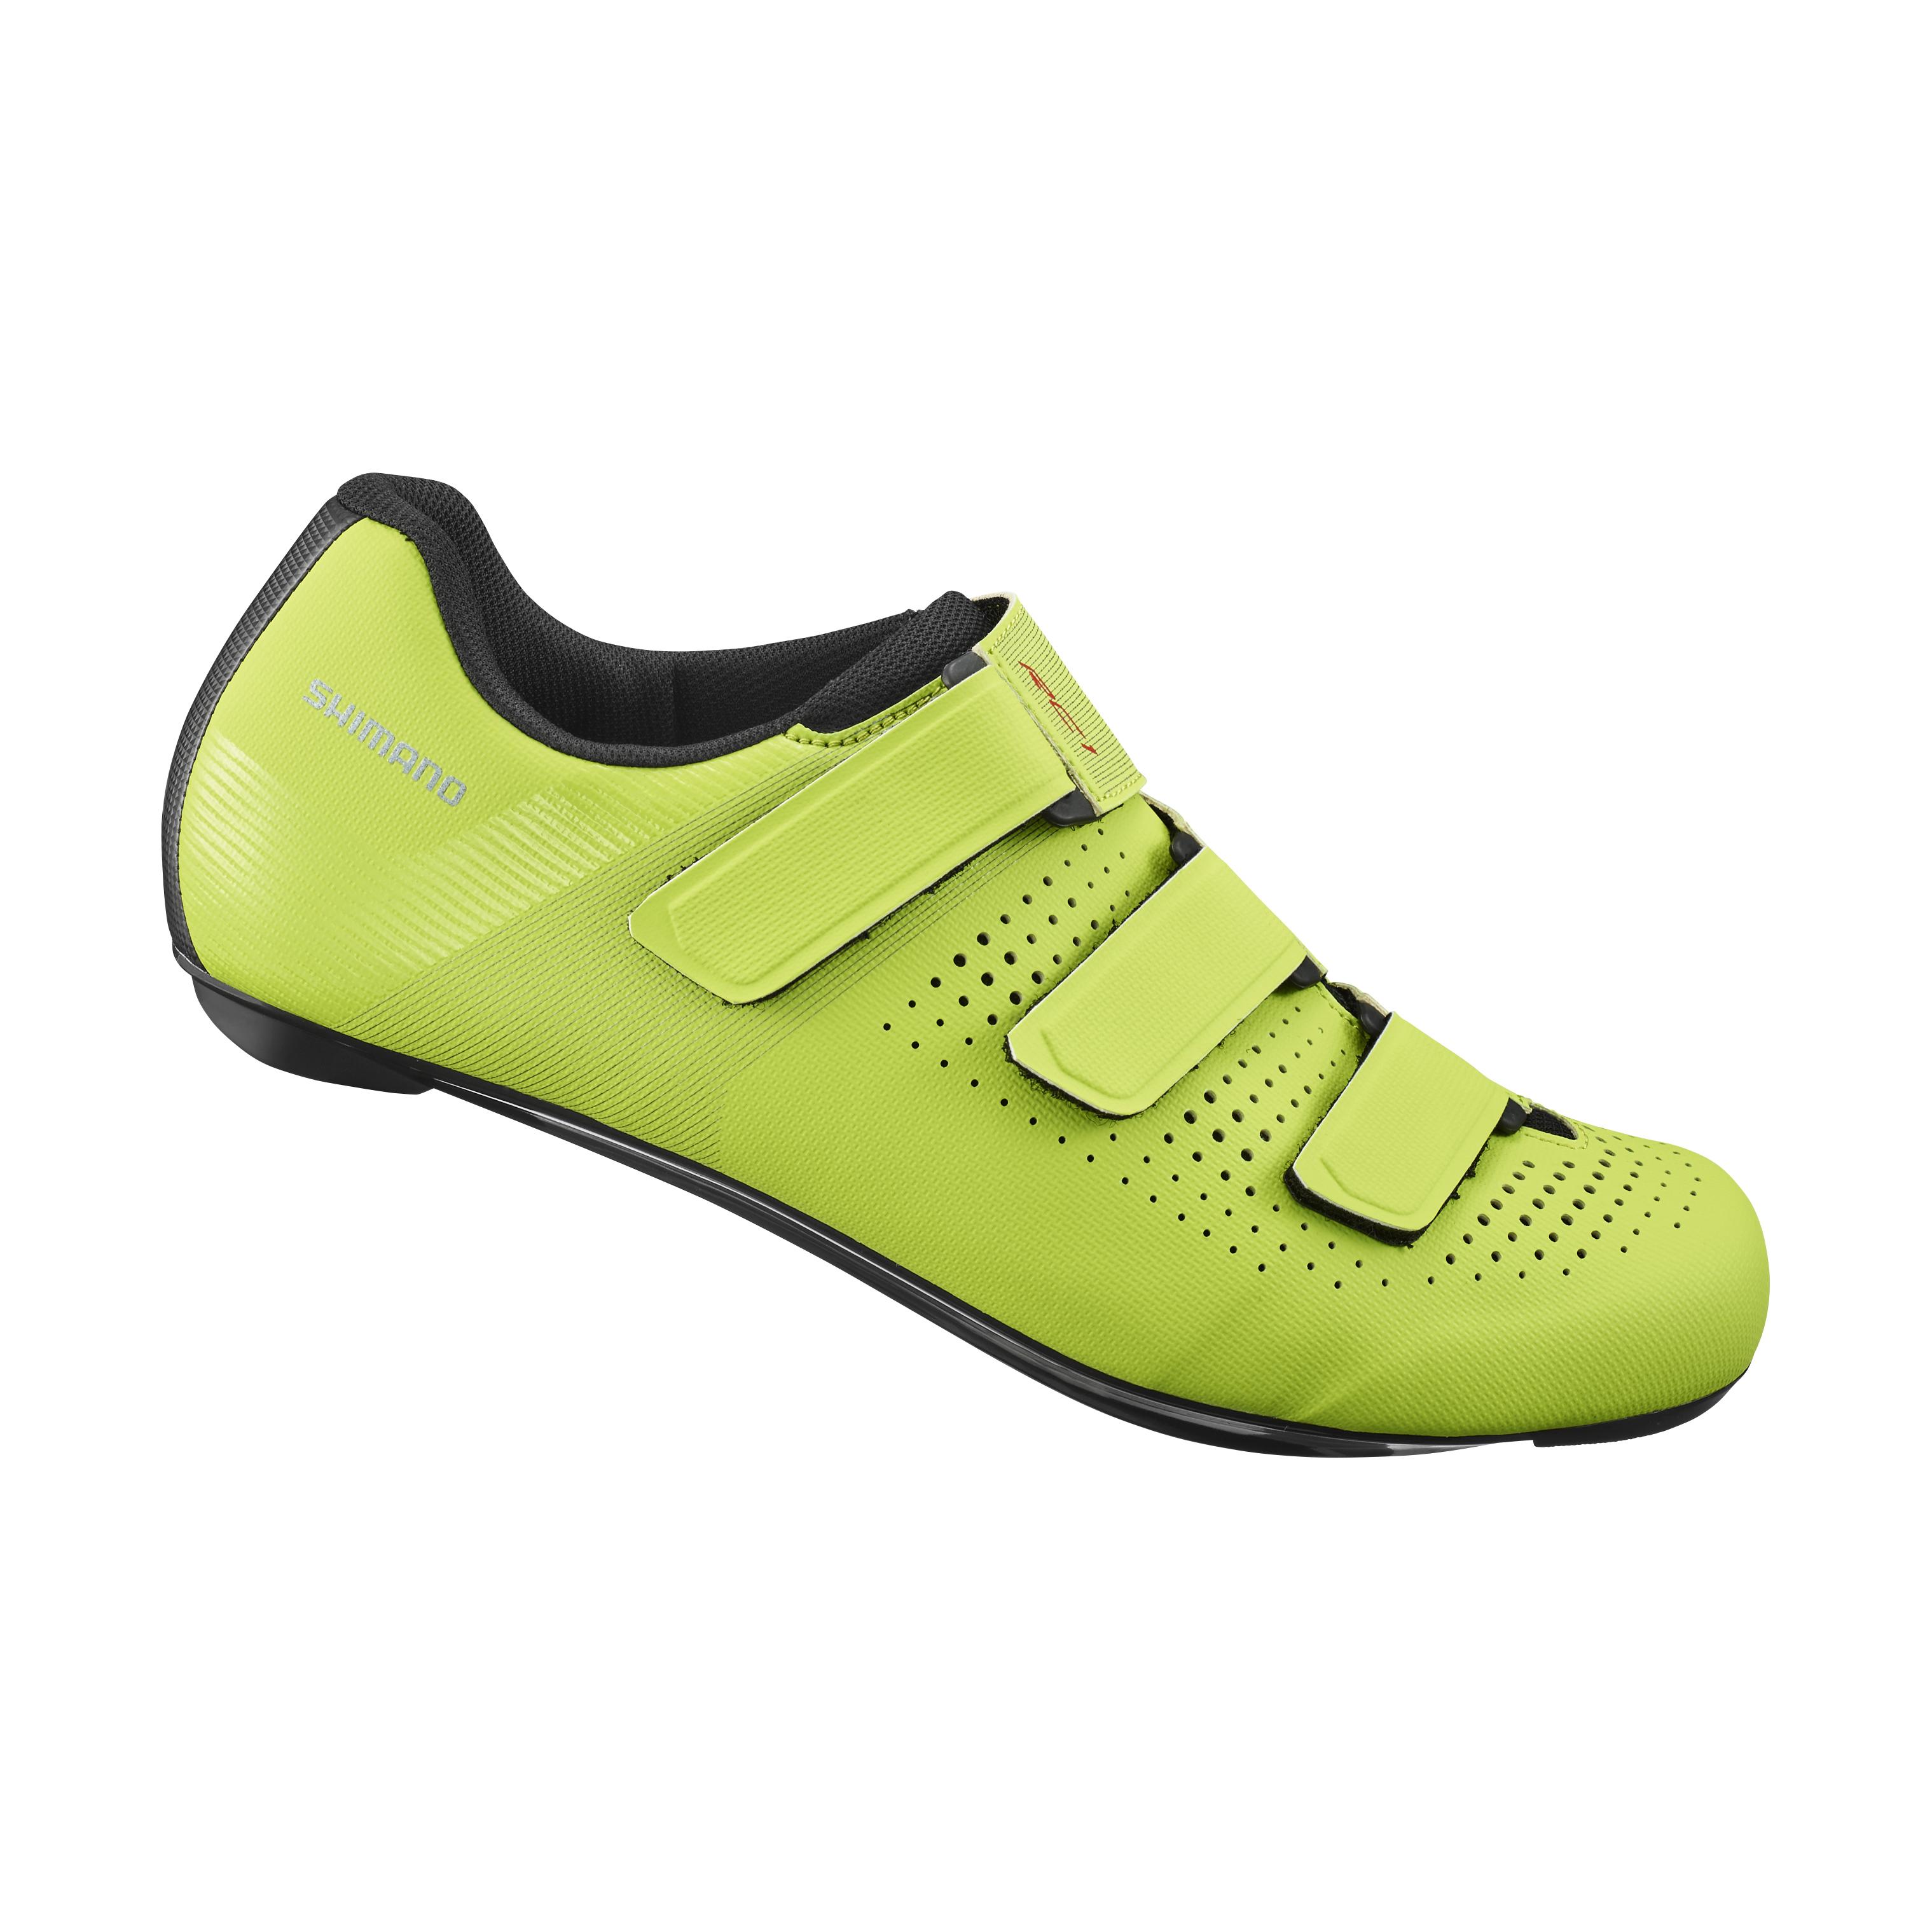 SHIMANO silniční obuv SH-RC100MY, žlutá, 42